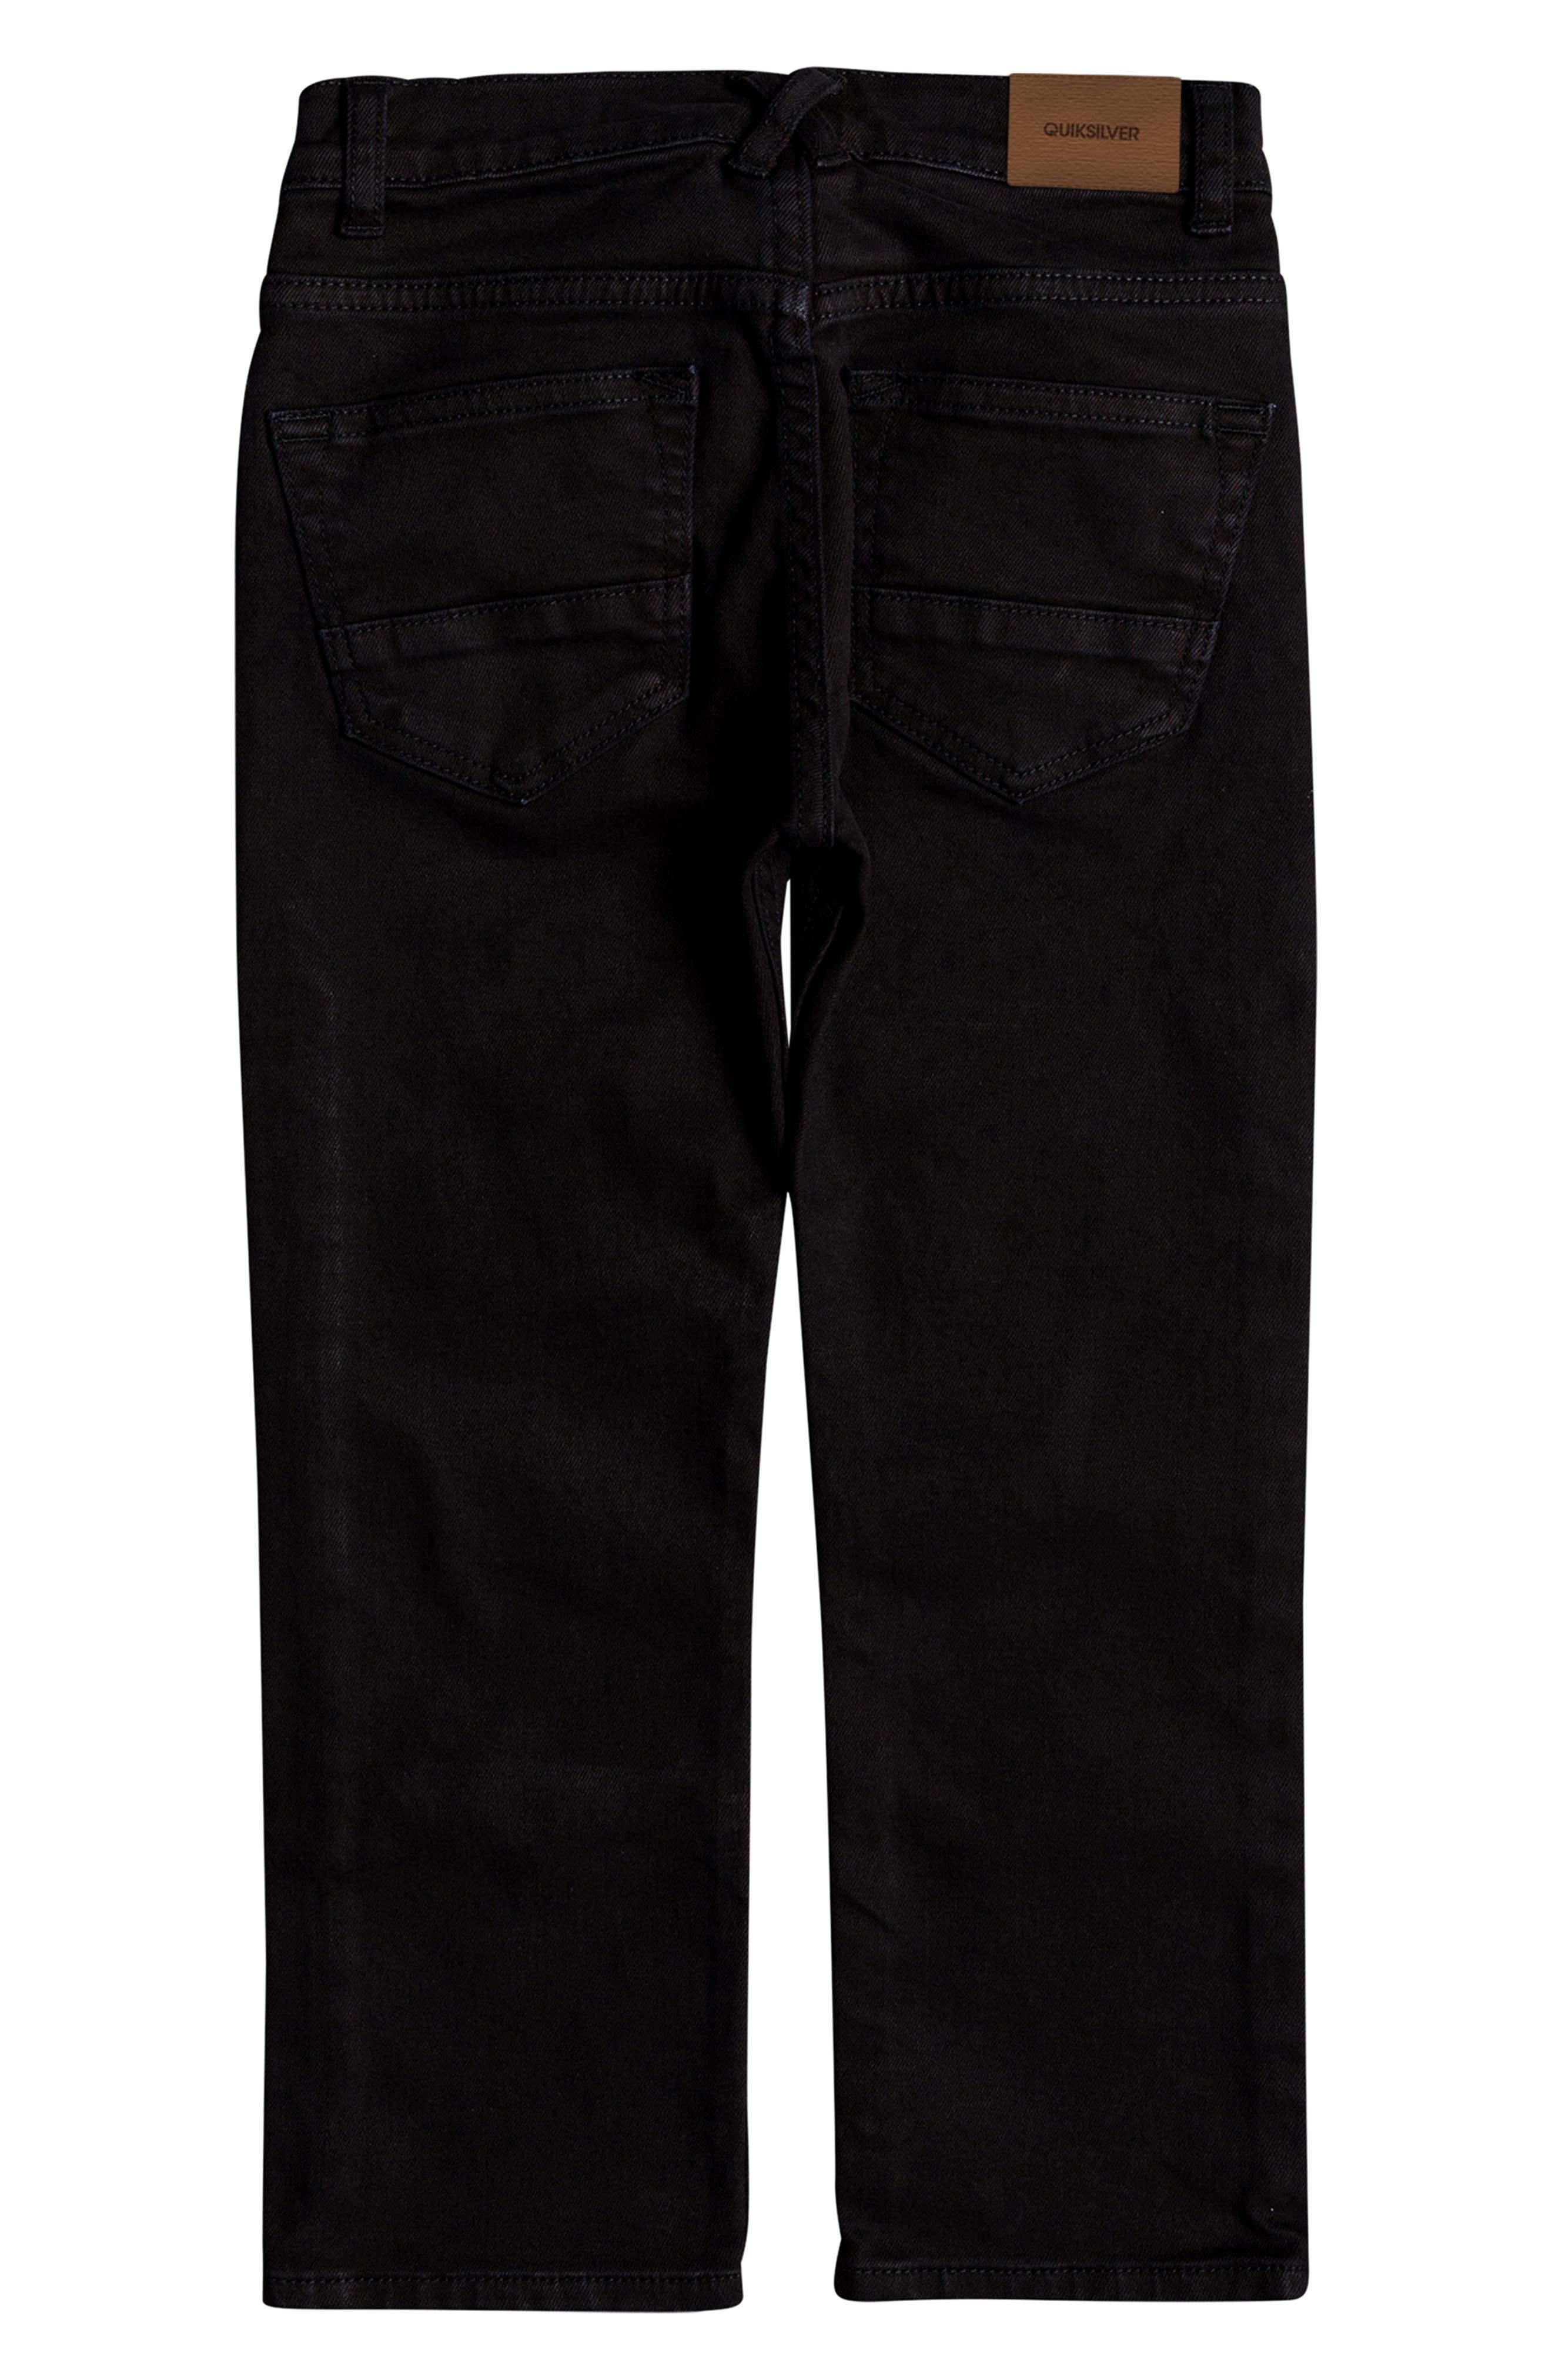 Distorsion Colors Slim Fit Straight Leg Jeans,                             Alternate thumbnail 2, color,                             TARMAC